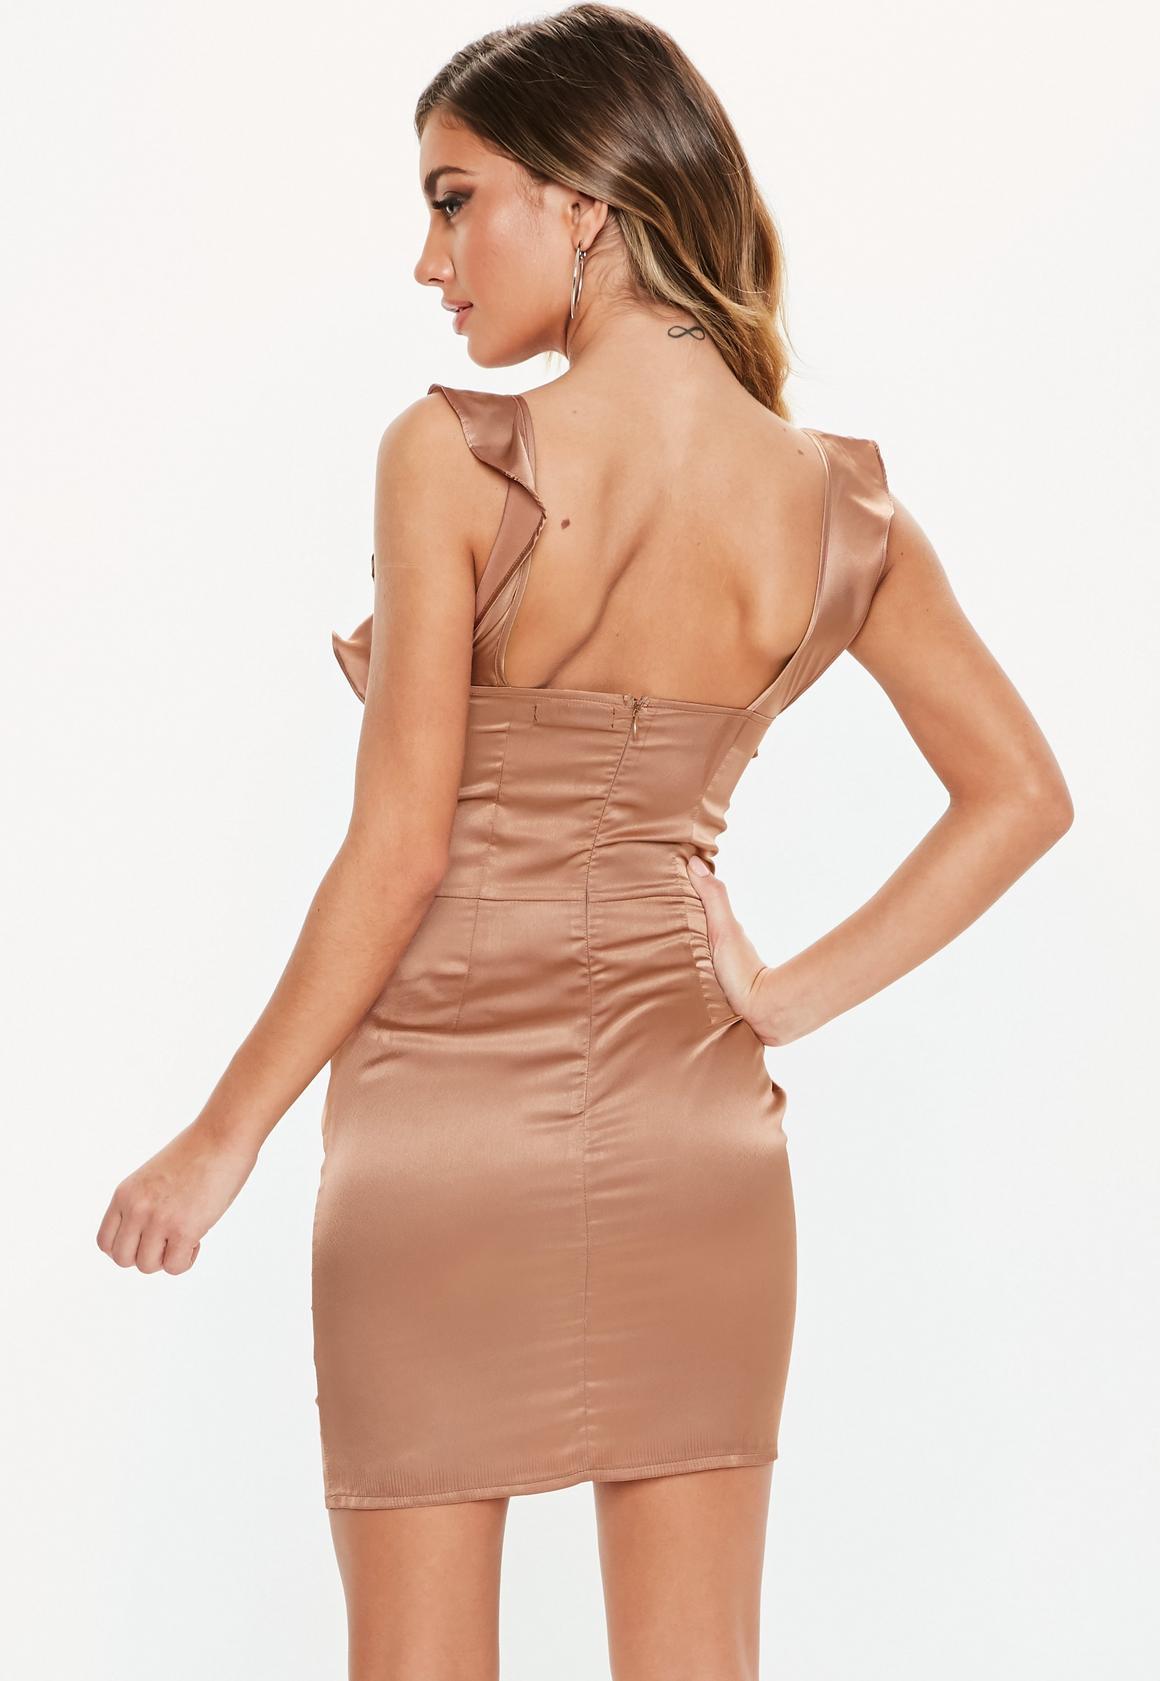 Missguided - robe courte en satin  à volants - 4